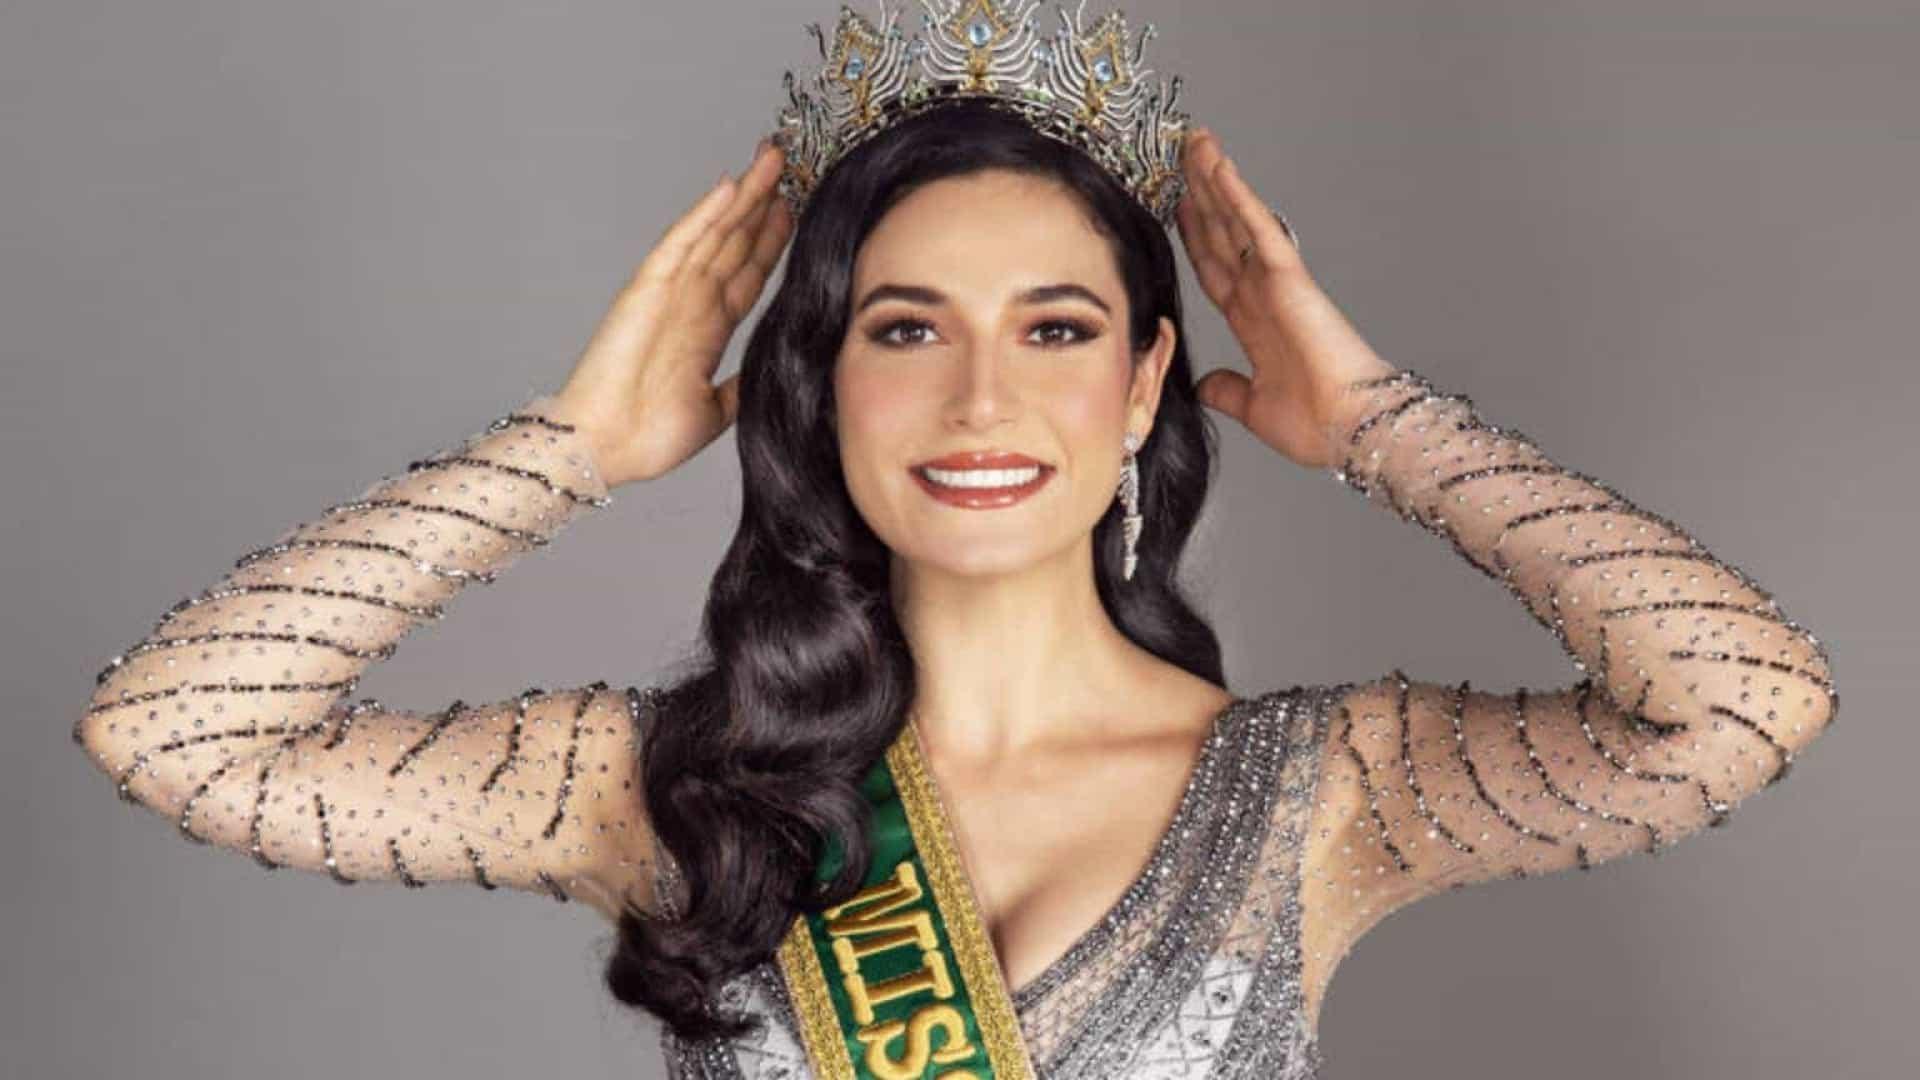 Miss Universo será no domingo com transmissão pelo TNT